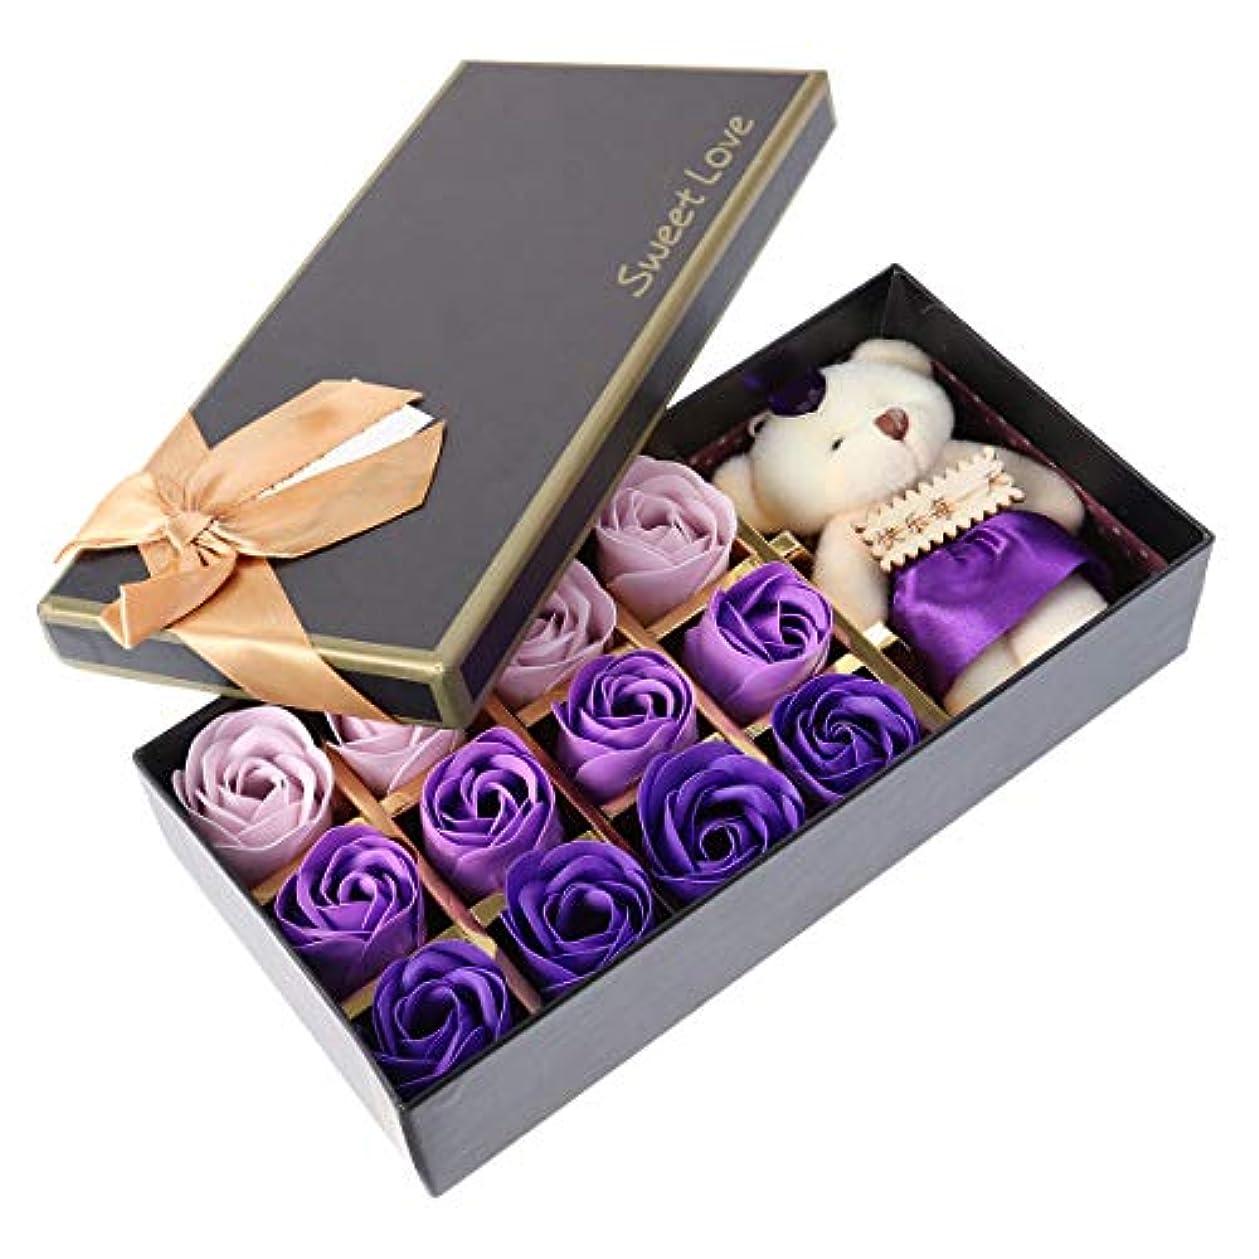 パーク確立インチBeaupretty バレンタインデーの結婚式の誕生日プレゼントのための小さなクマとバラの石鹸の花